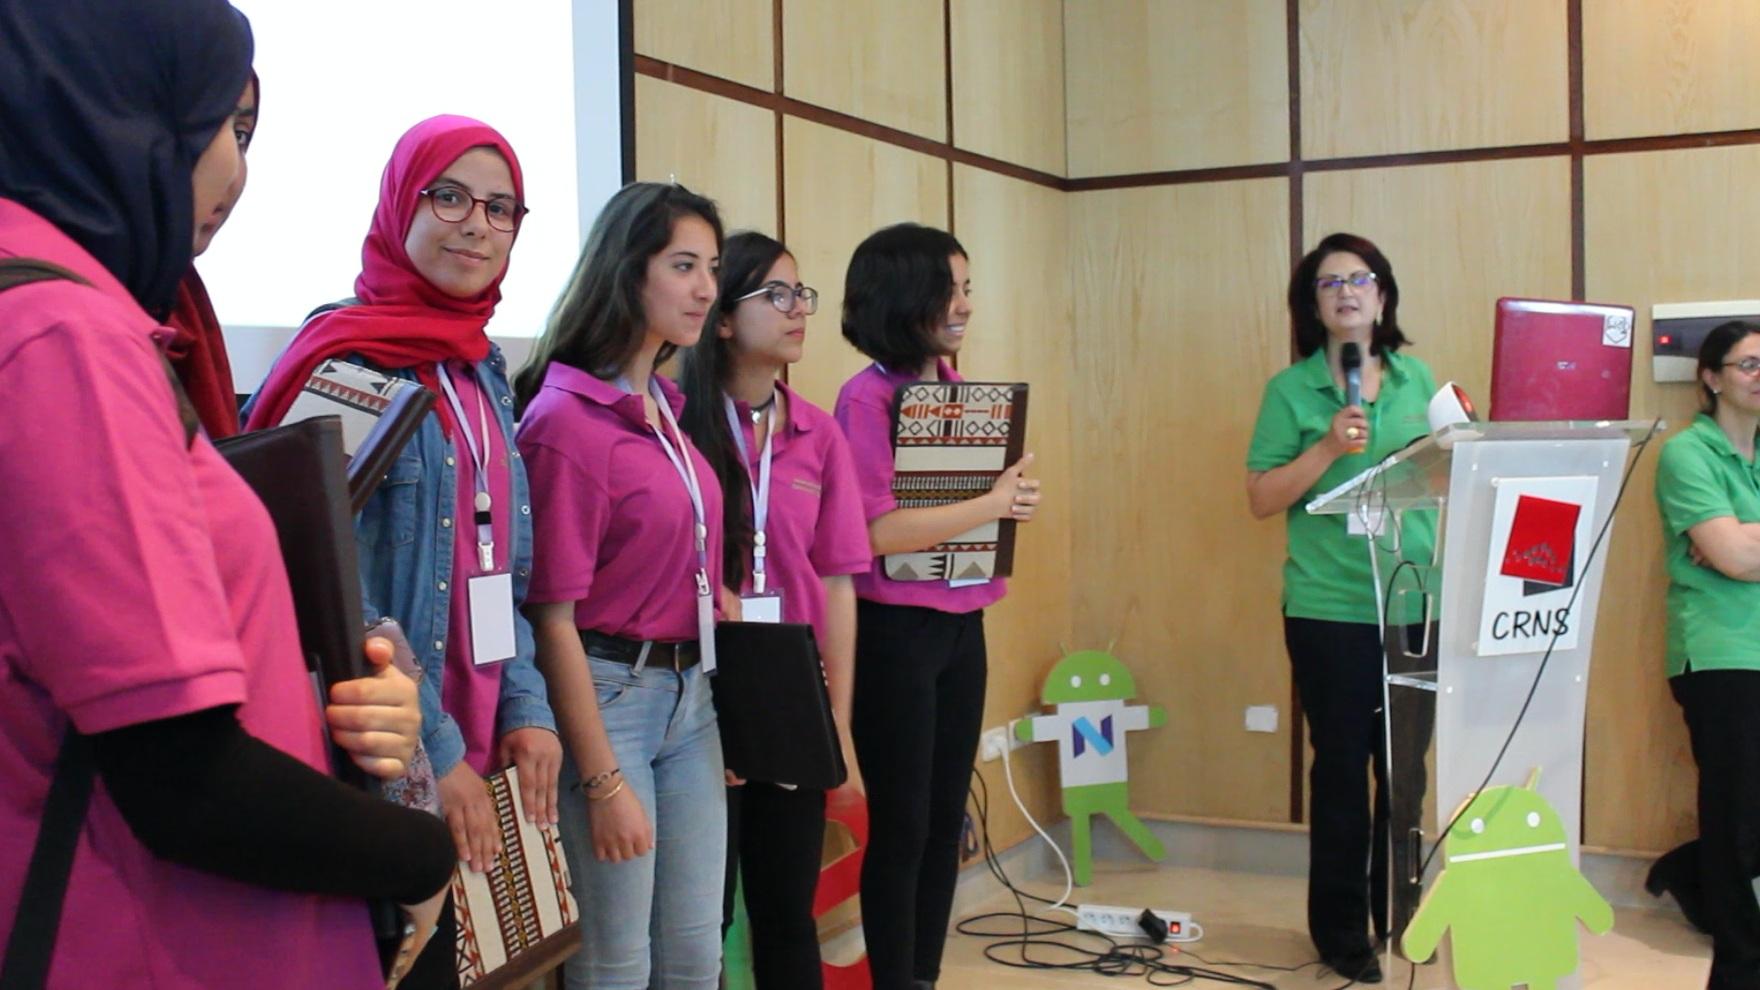 اليوم العالمي للفتيات في مجال تكنولوجيا المعلومات والاتصالات - صفاقس